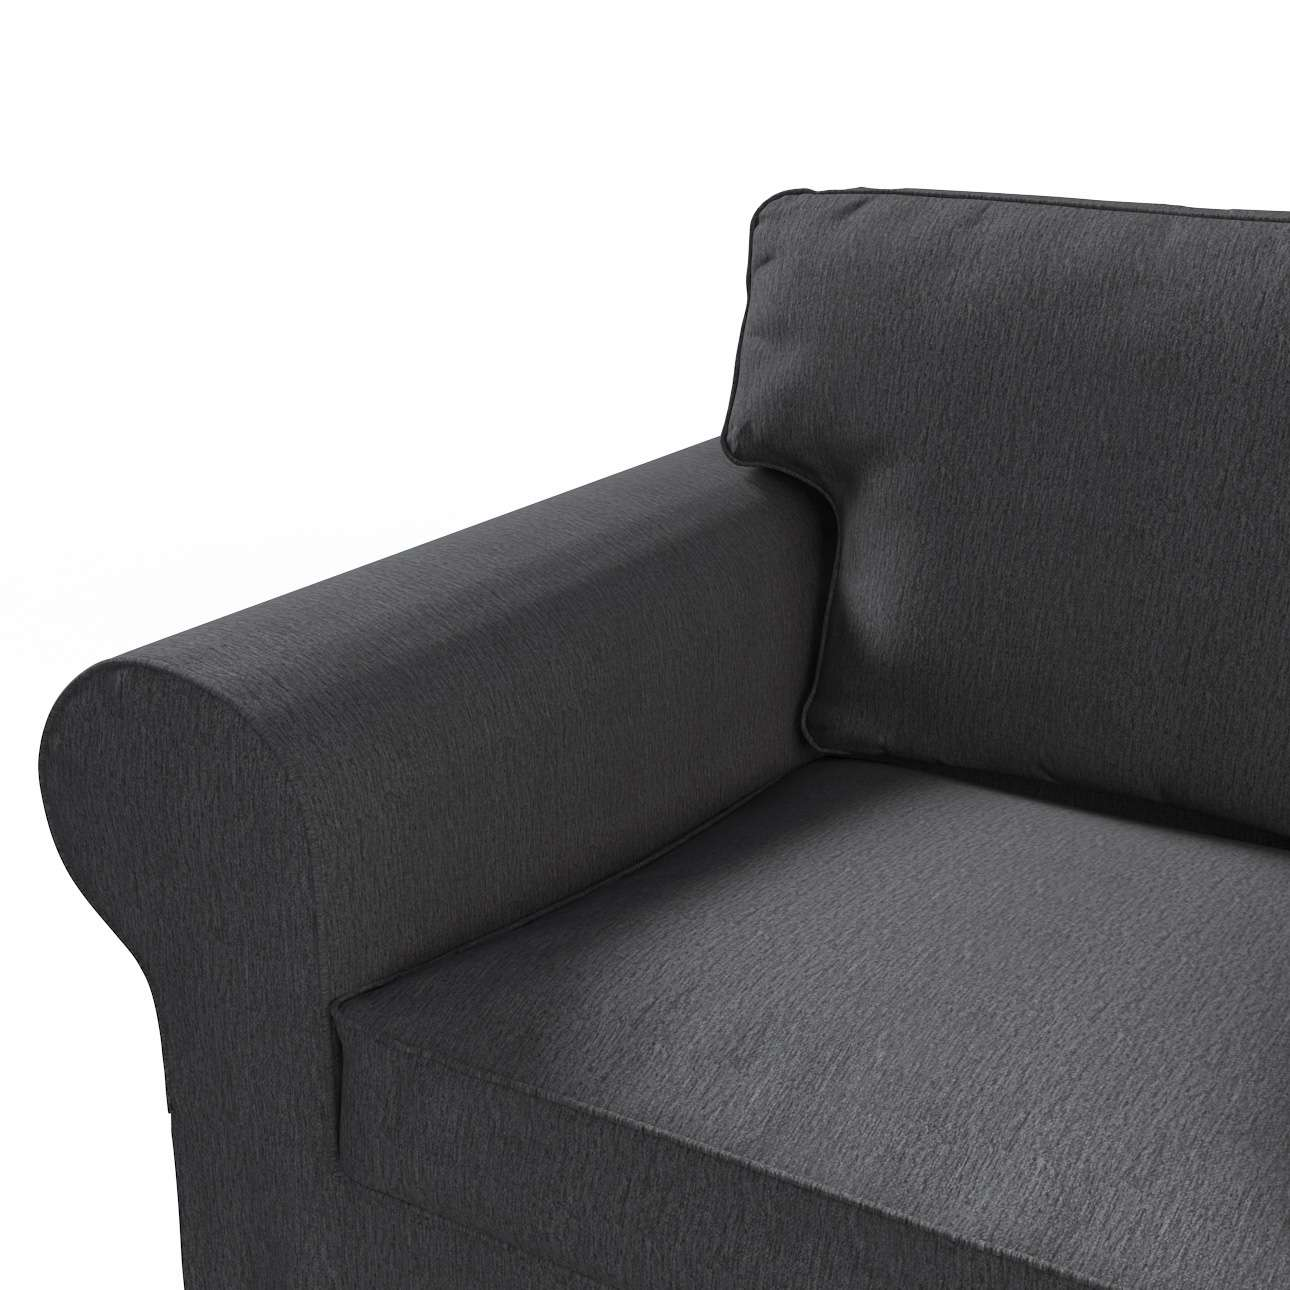 Pokrowiec na sofę Ektorp 2-osobową rozkładaną, model po 2012 w kolekcji Chenille, tkanina: 702-20